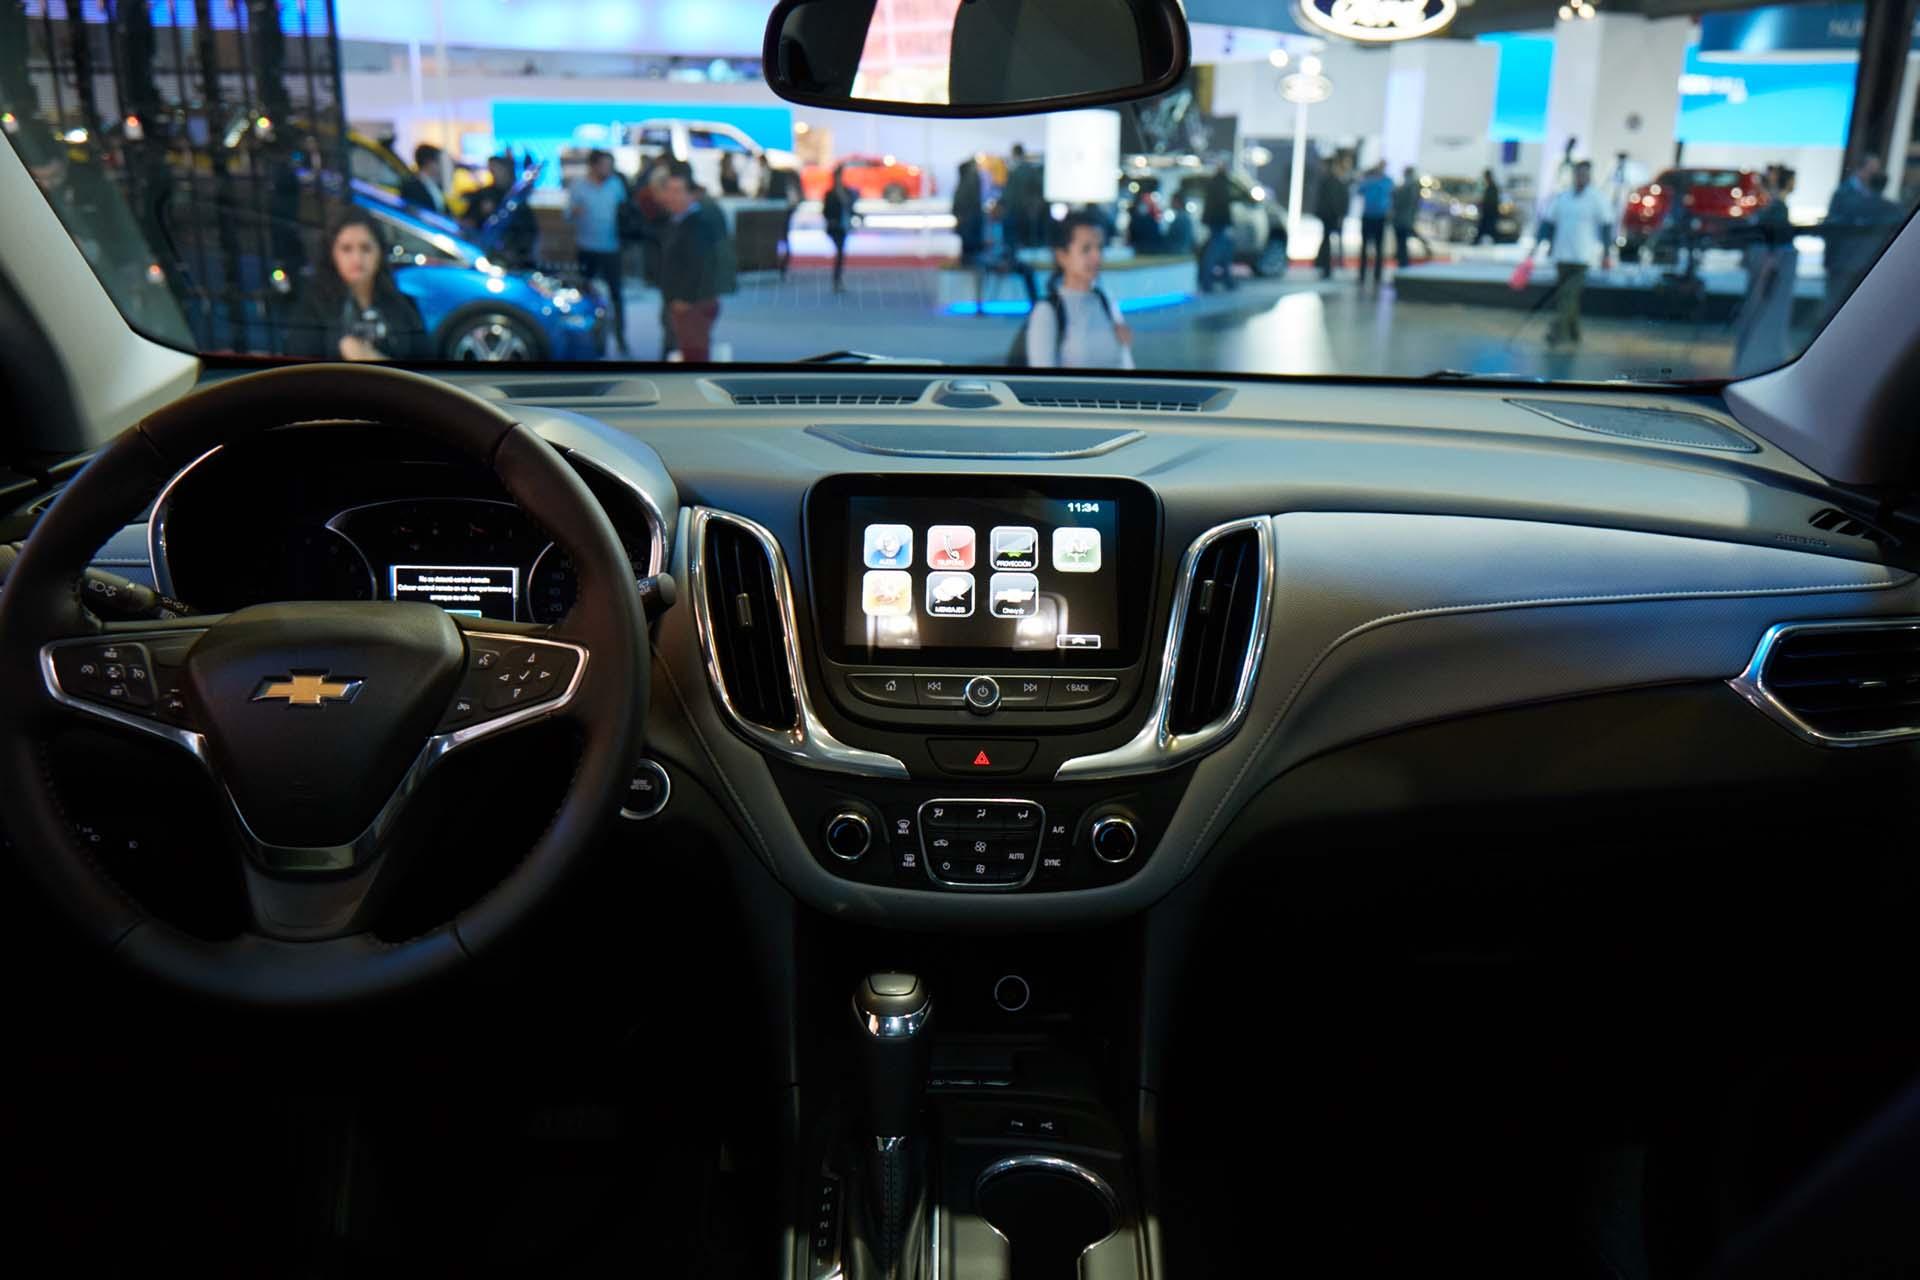 La Chevrolet S10 trailboss concept y su tecnología MyLink (GM)